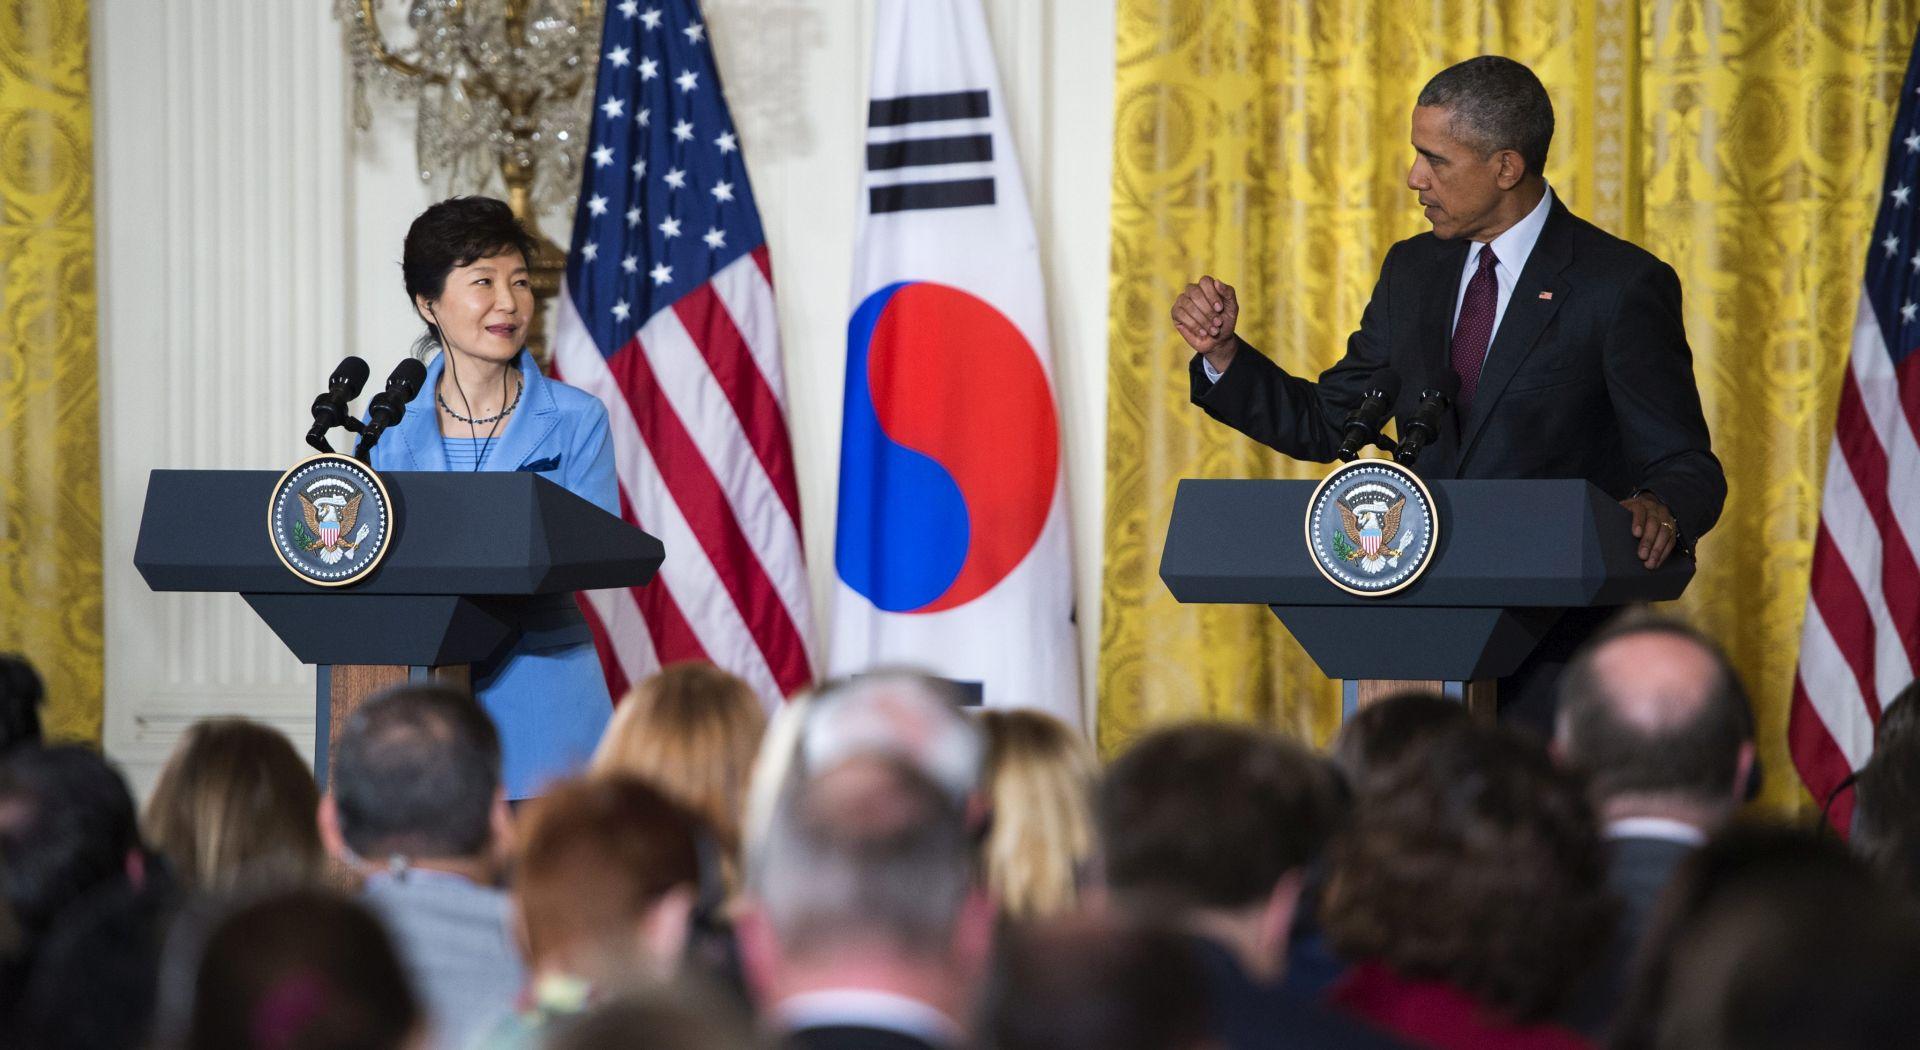 Washington će razgovarati sa Sj. Korejom ako odustane od nuklearnog programa